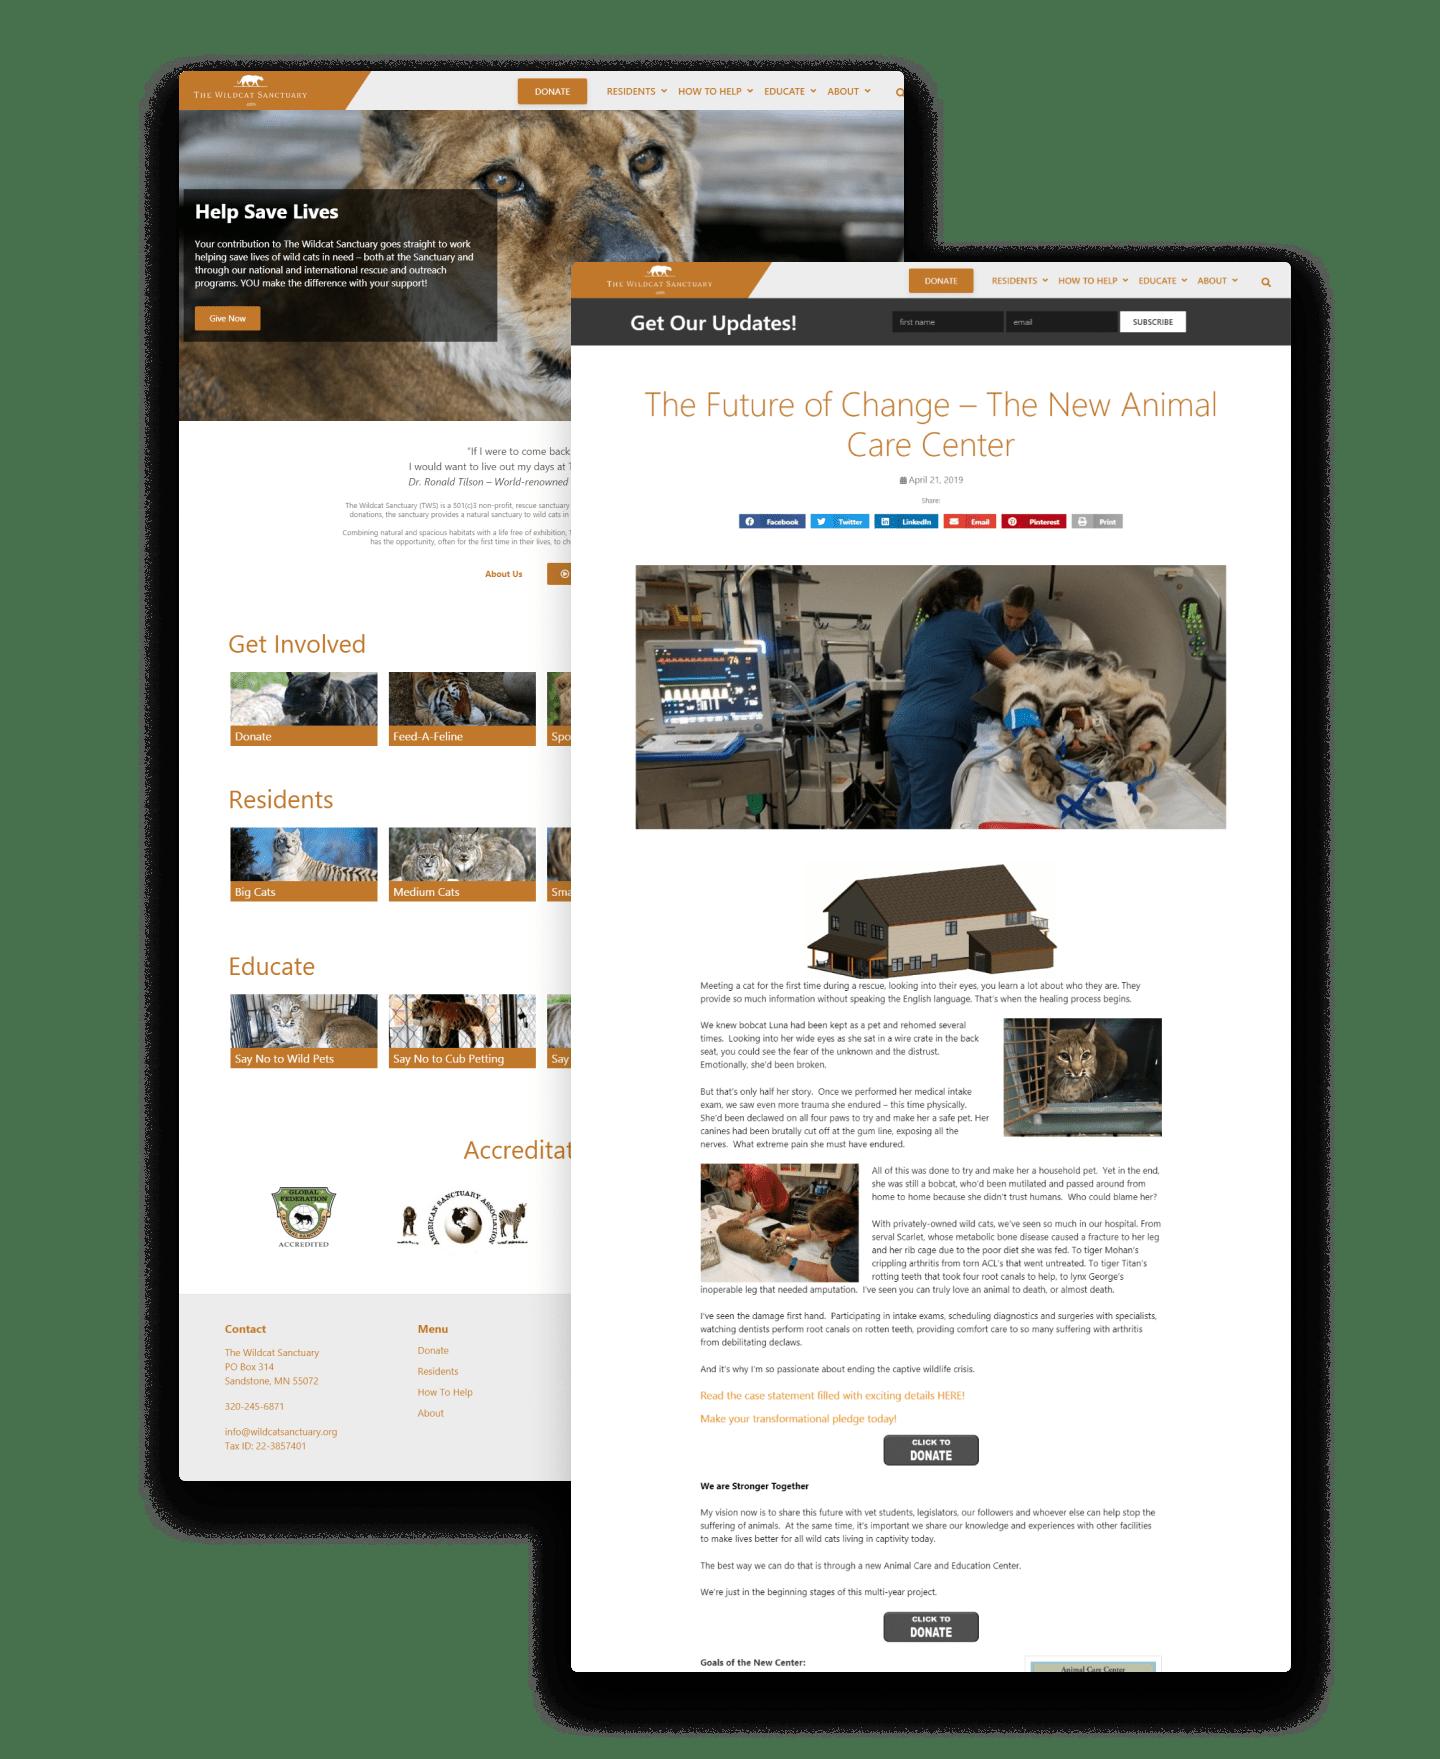 Designs-Image-Wildcat